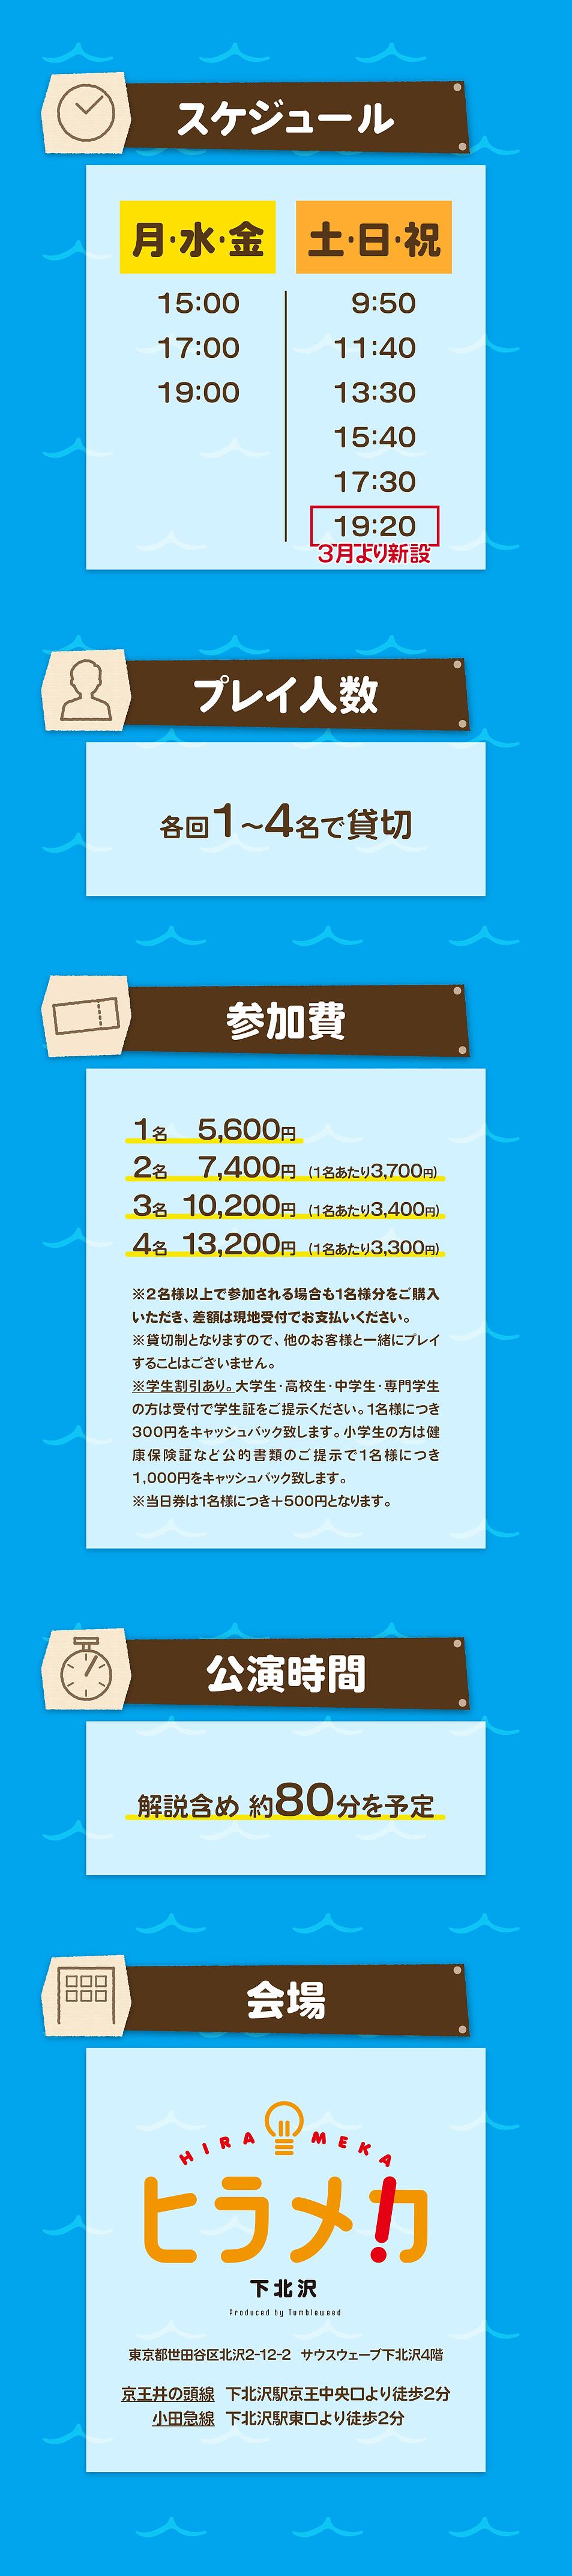 Hyoryu_2_202103.jpg